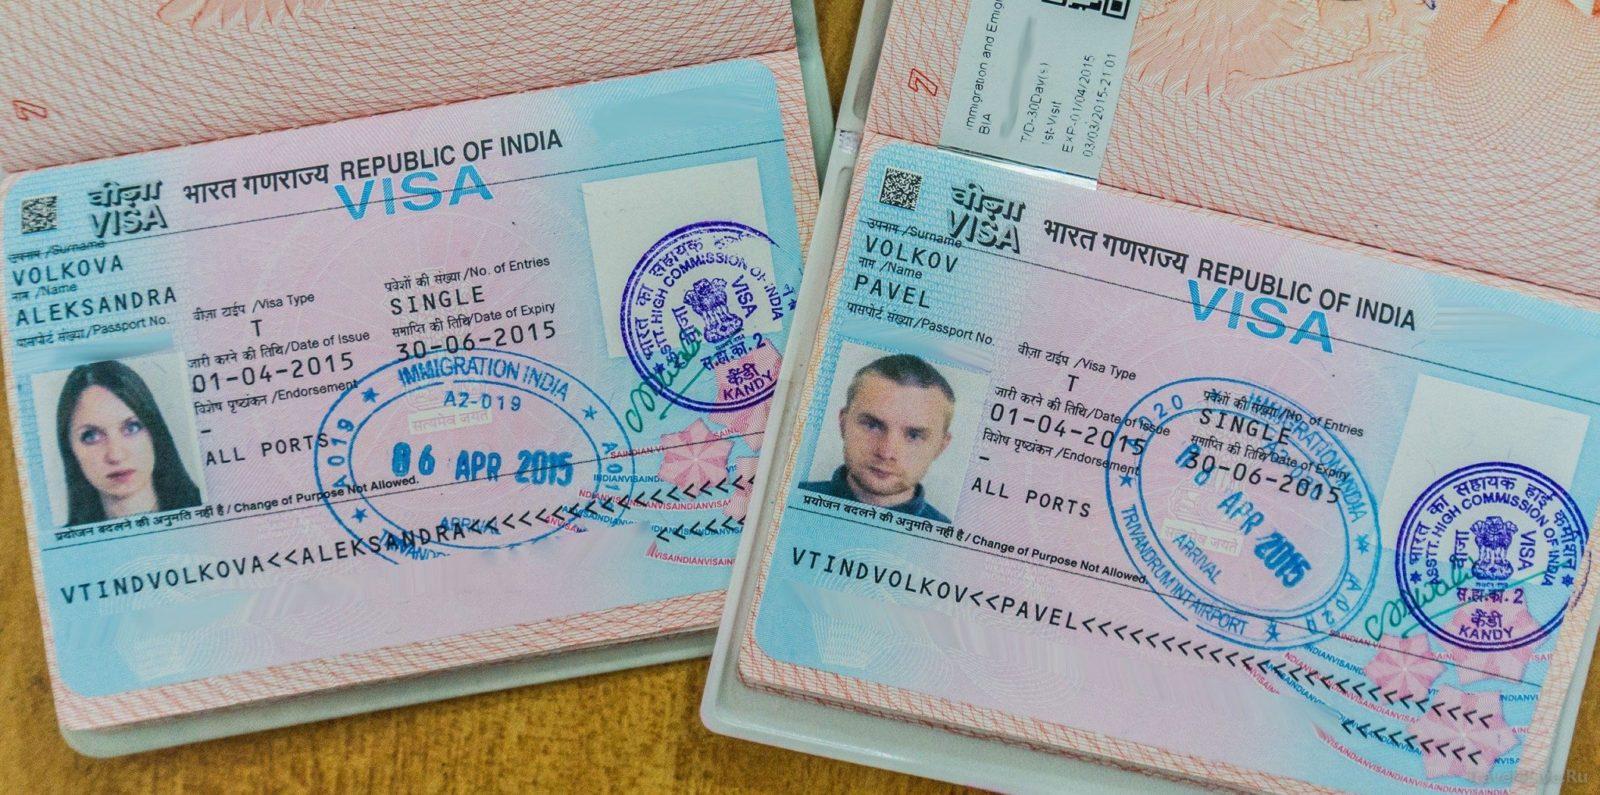 визы в индию как оформить